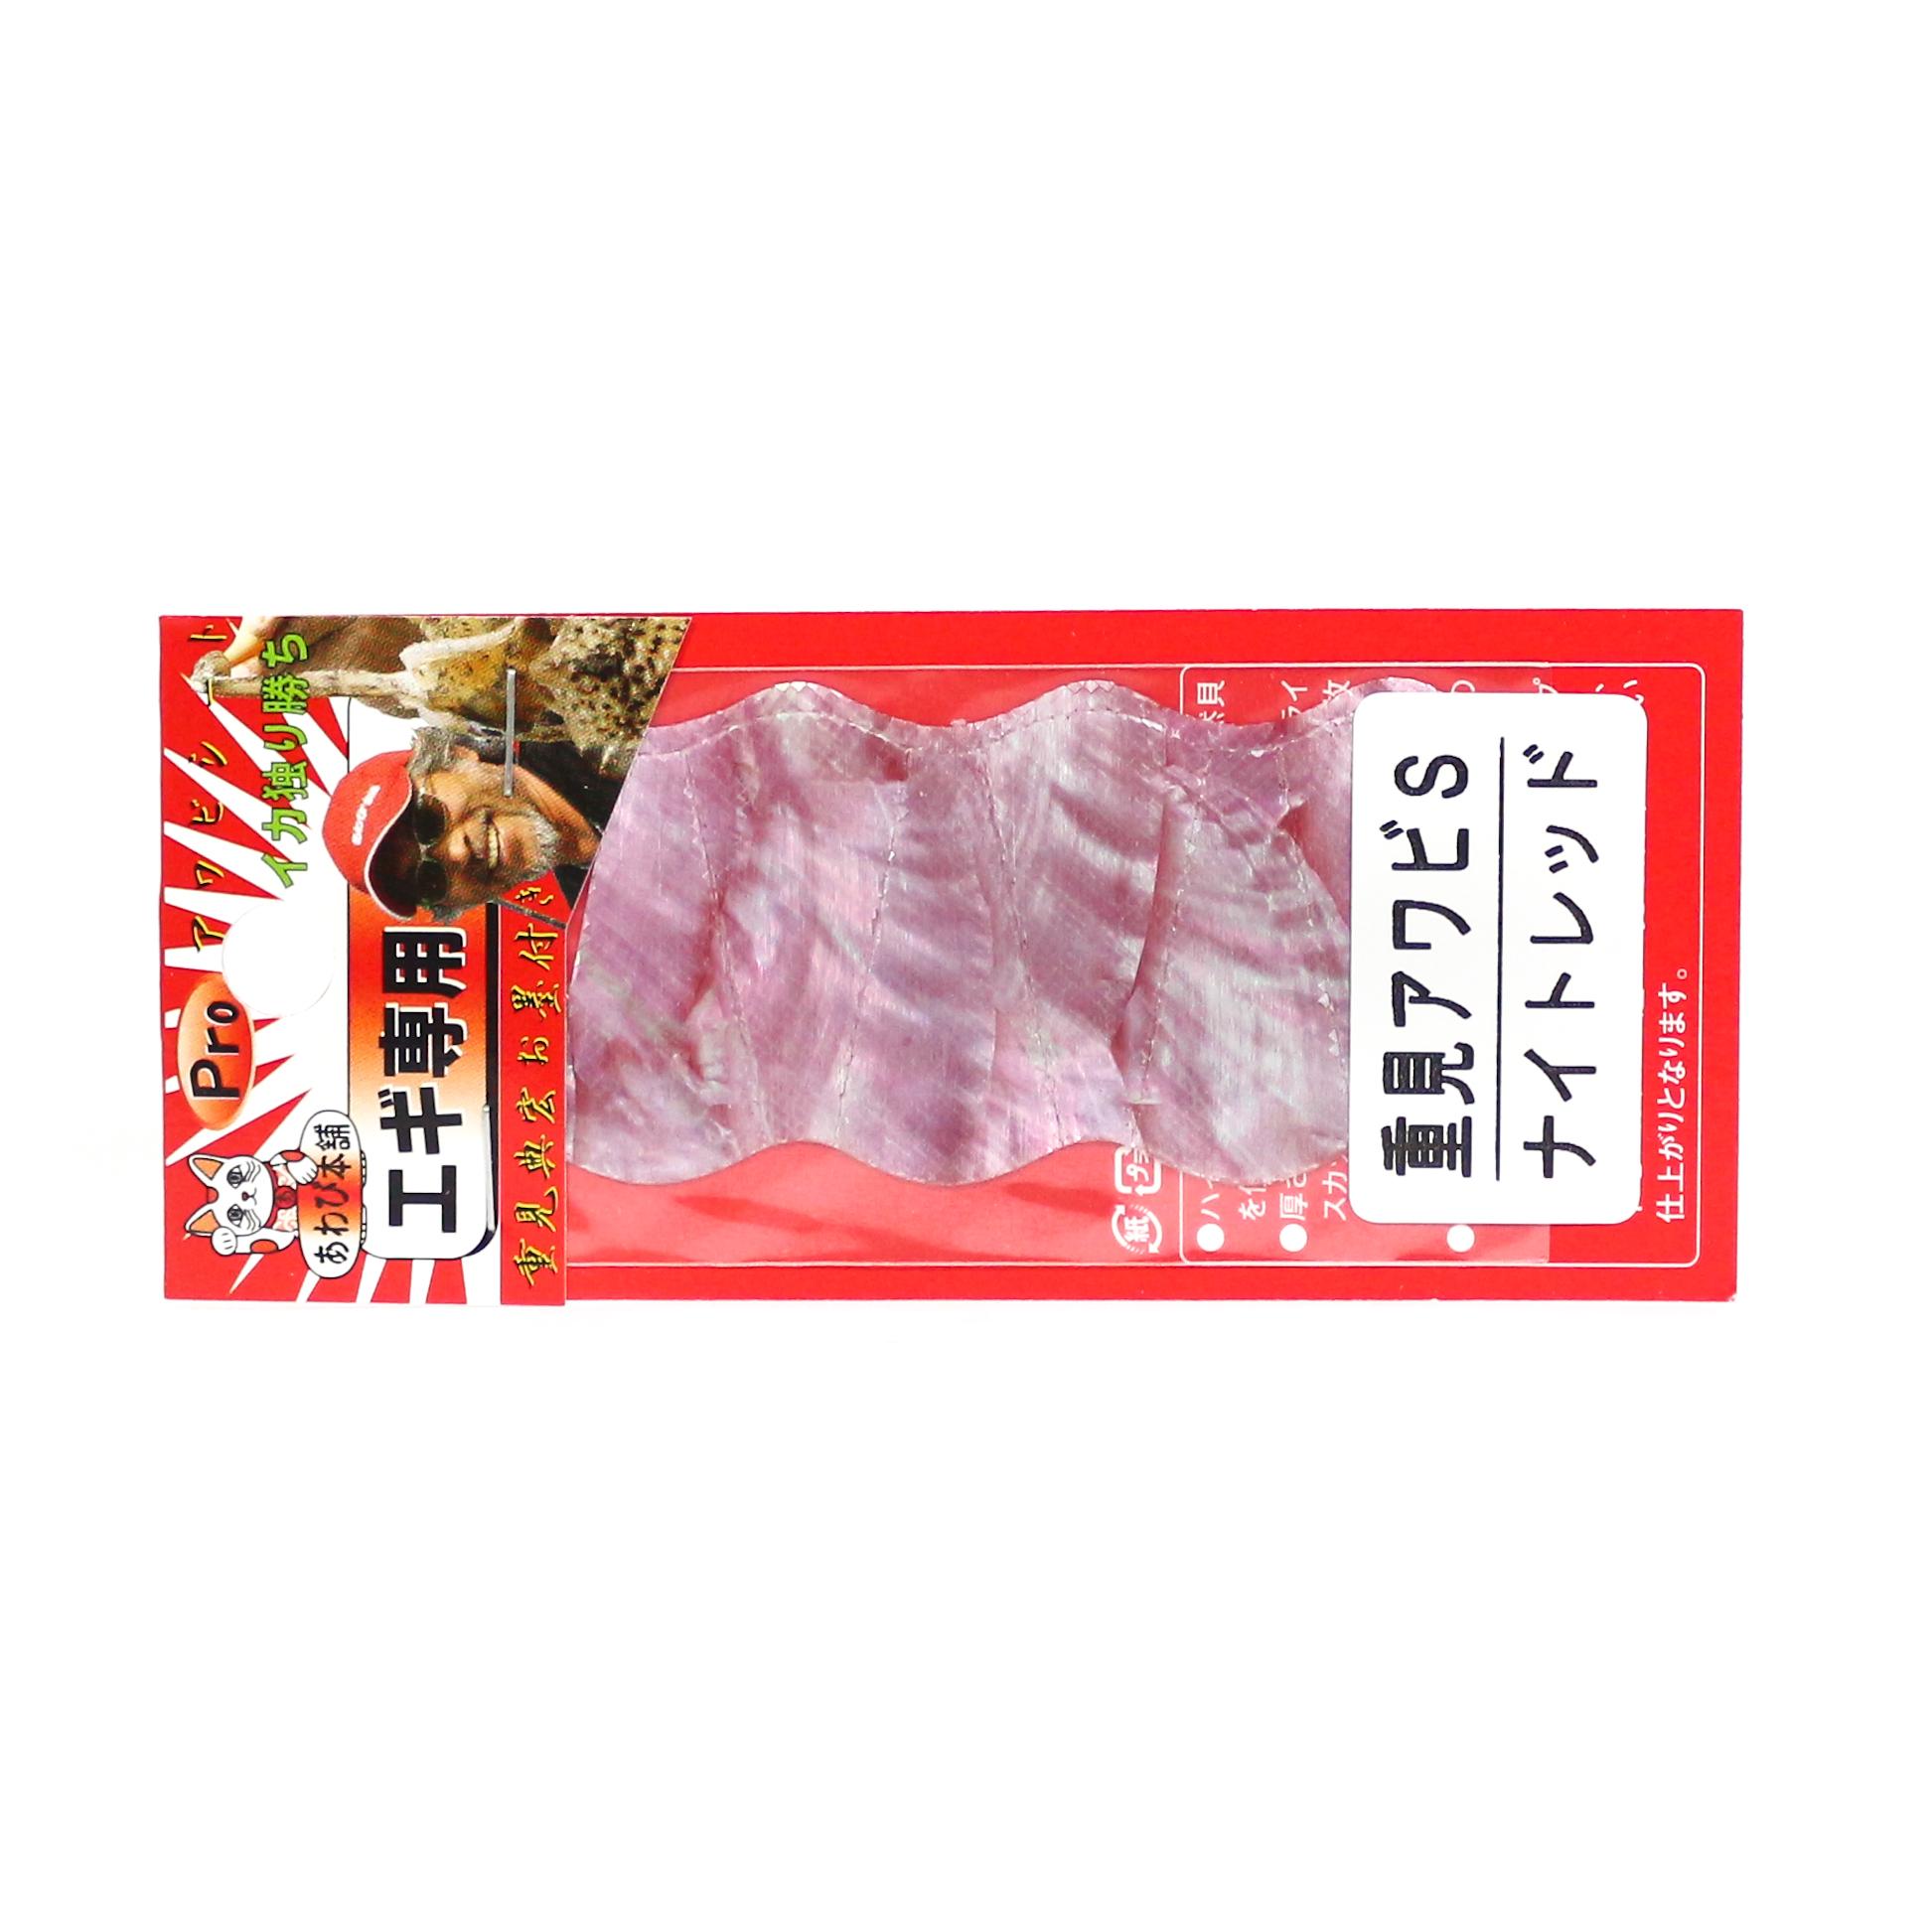 Awabi Honpo Pro Awabi Sheet Shigemi Awabi Size S 36 x 73 mm Ngt Red (1180)